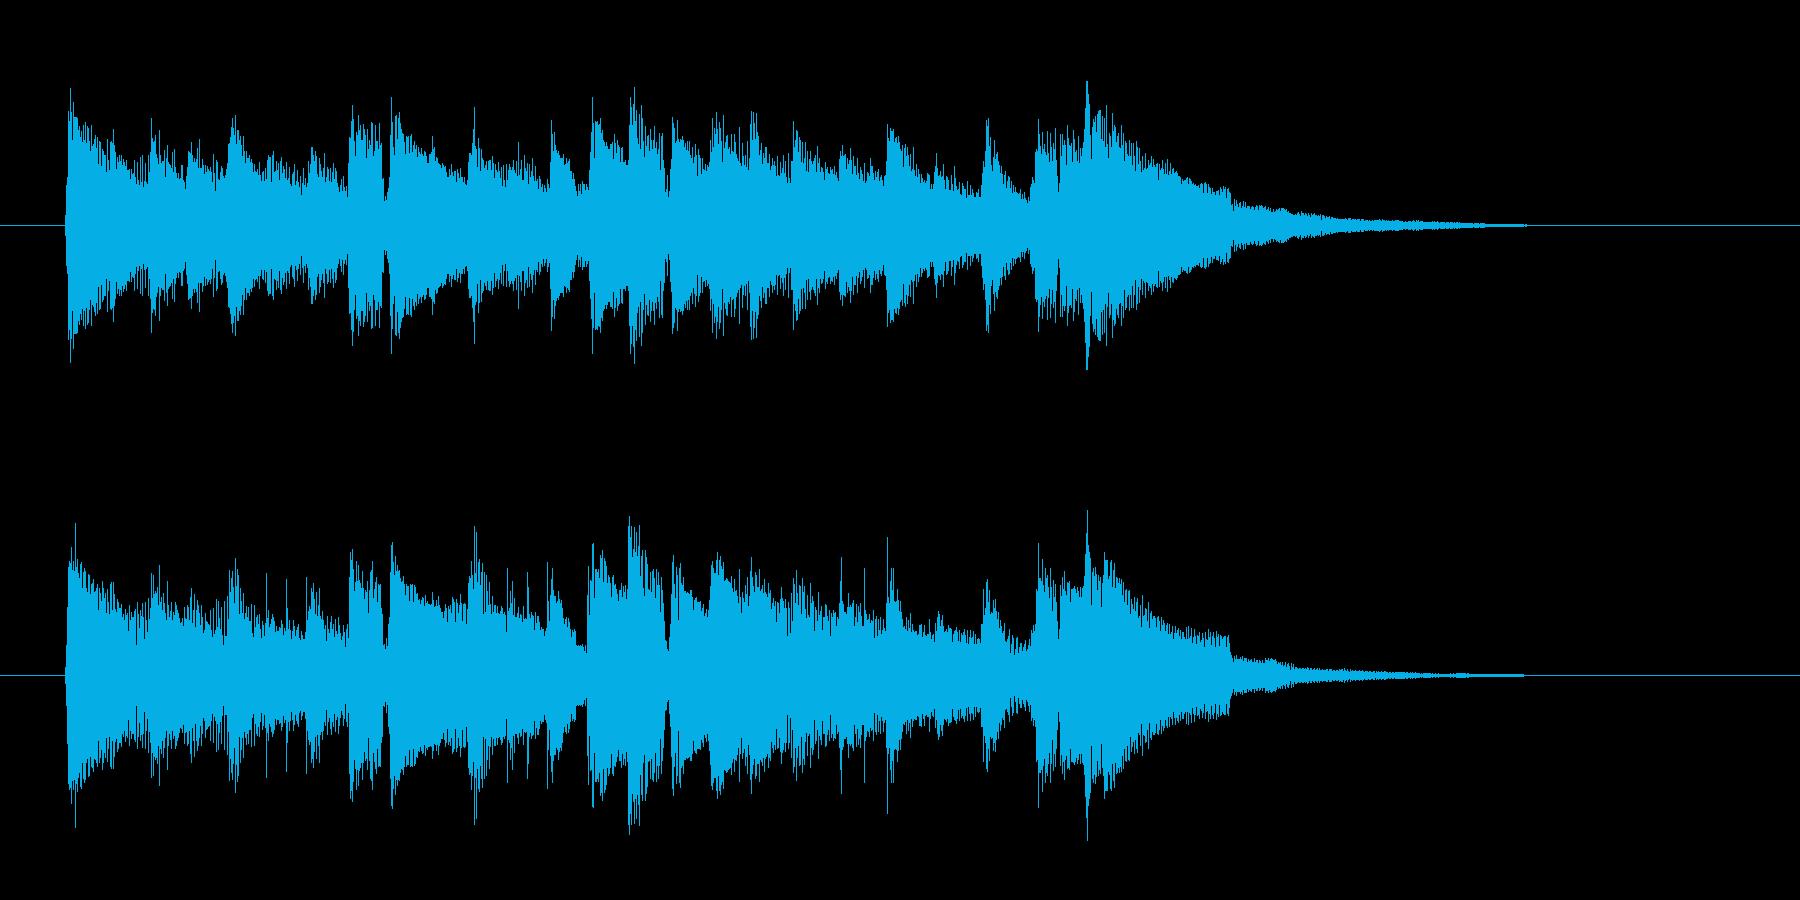 アコギによる優しい雰囲気のジングル曲の再生済みの波形